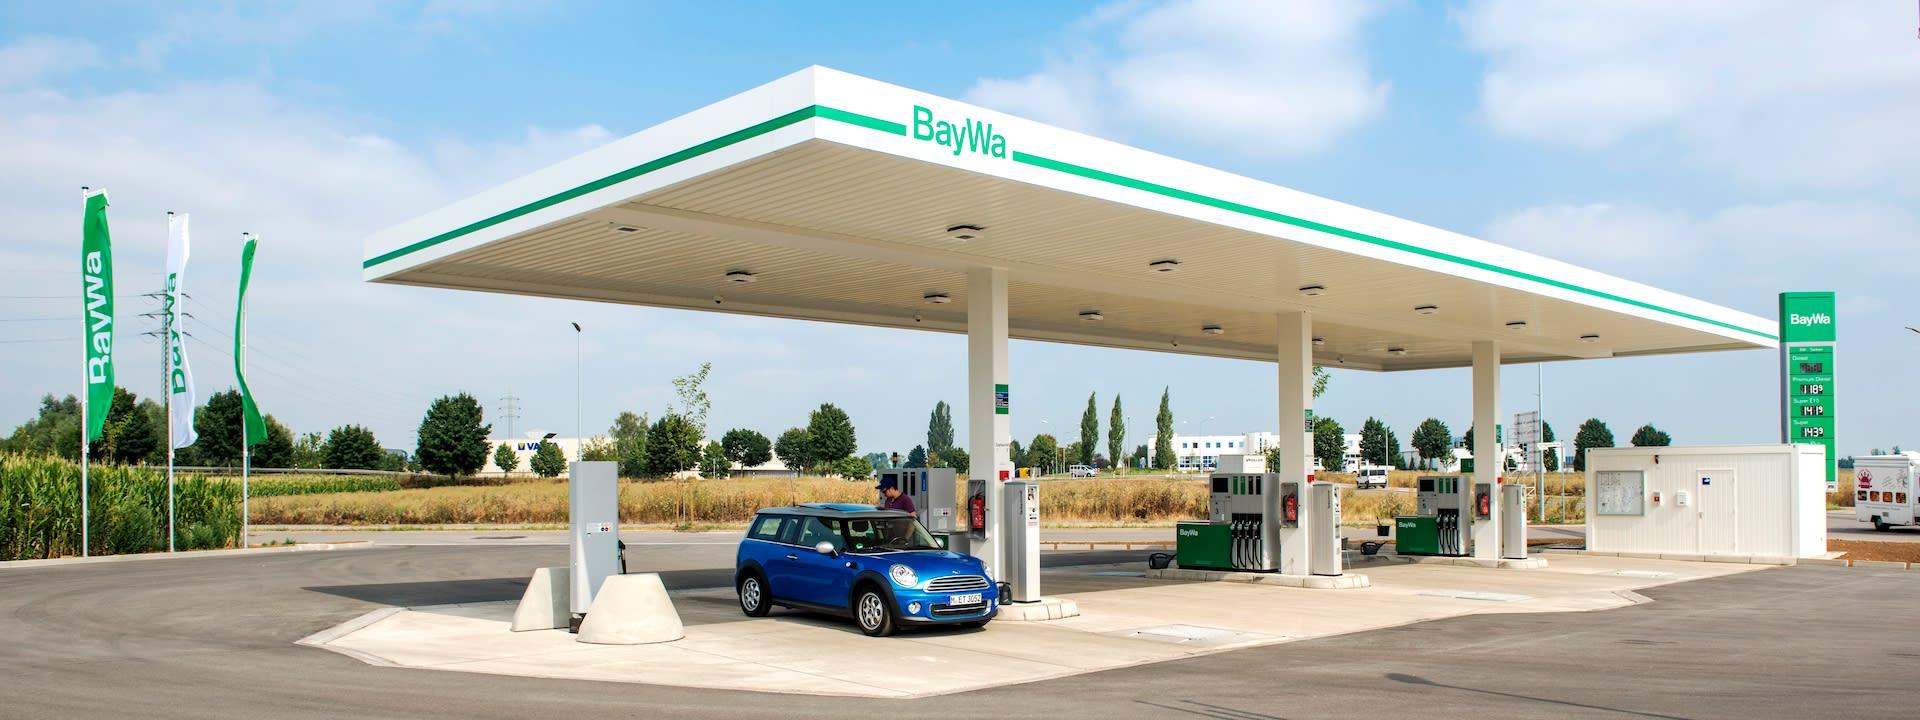 BayWa Tankstelle Möttingen